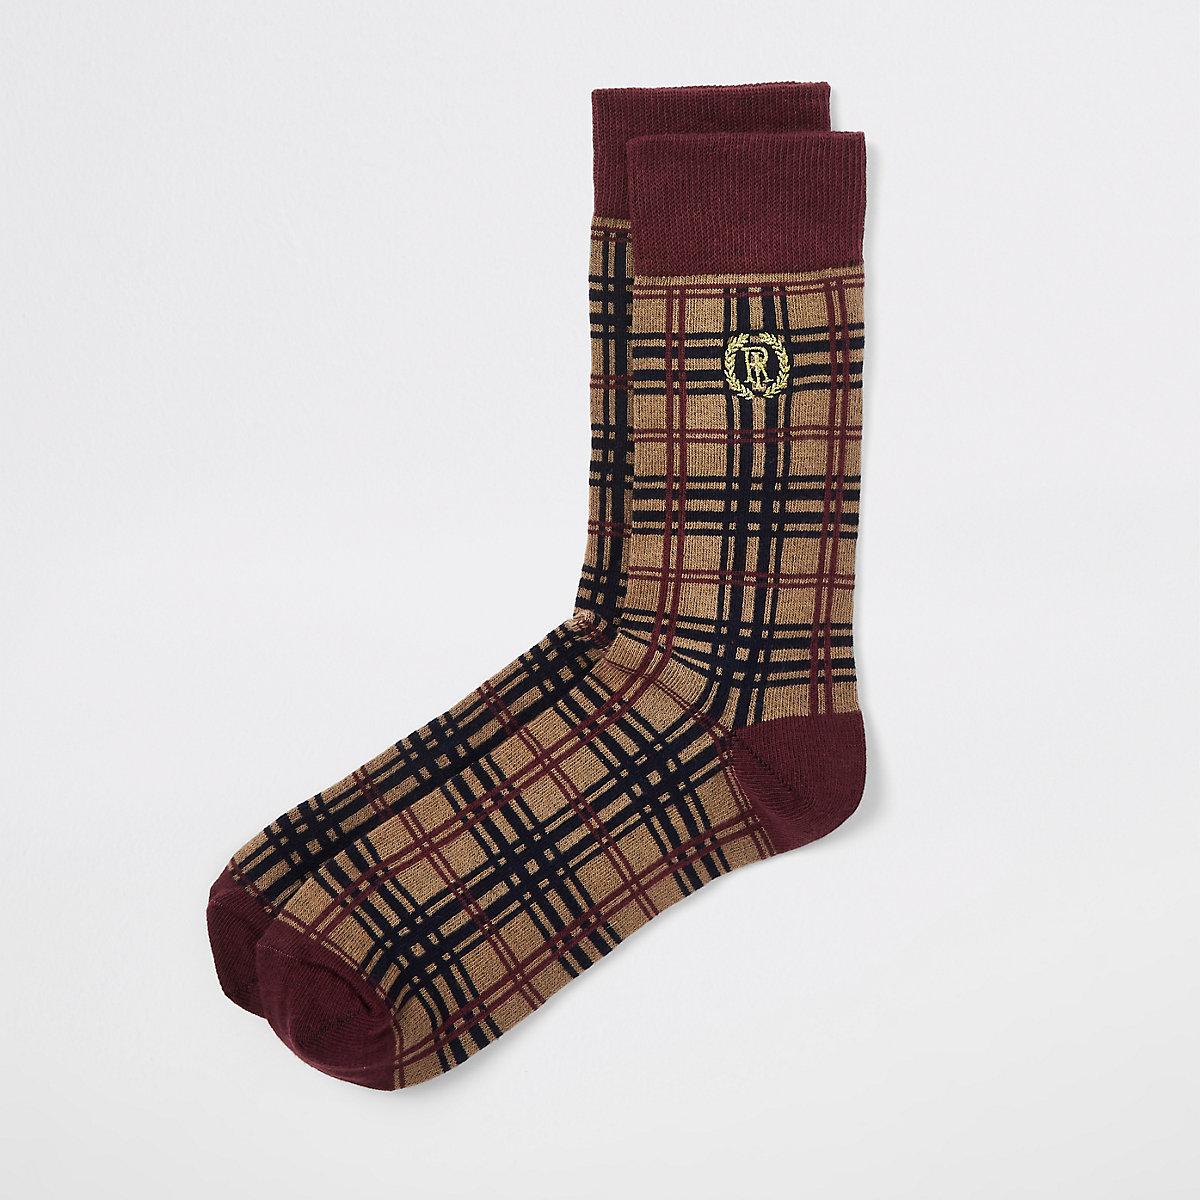 Brown RI plaid crest socks